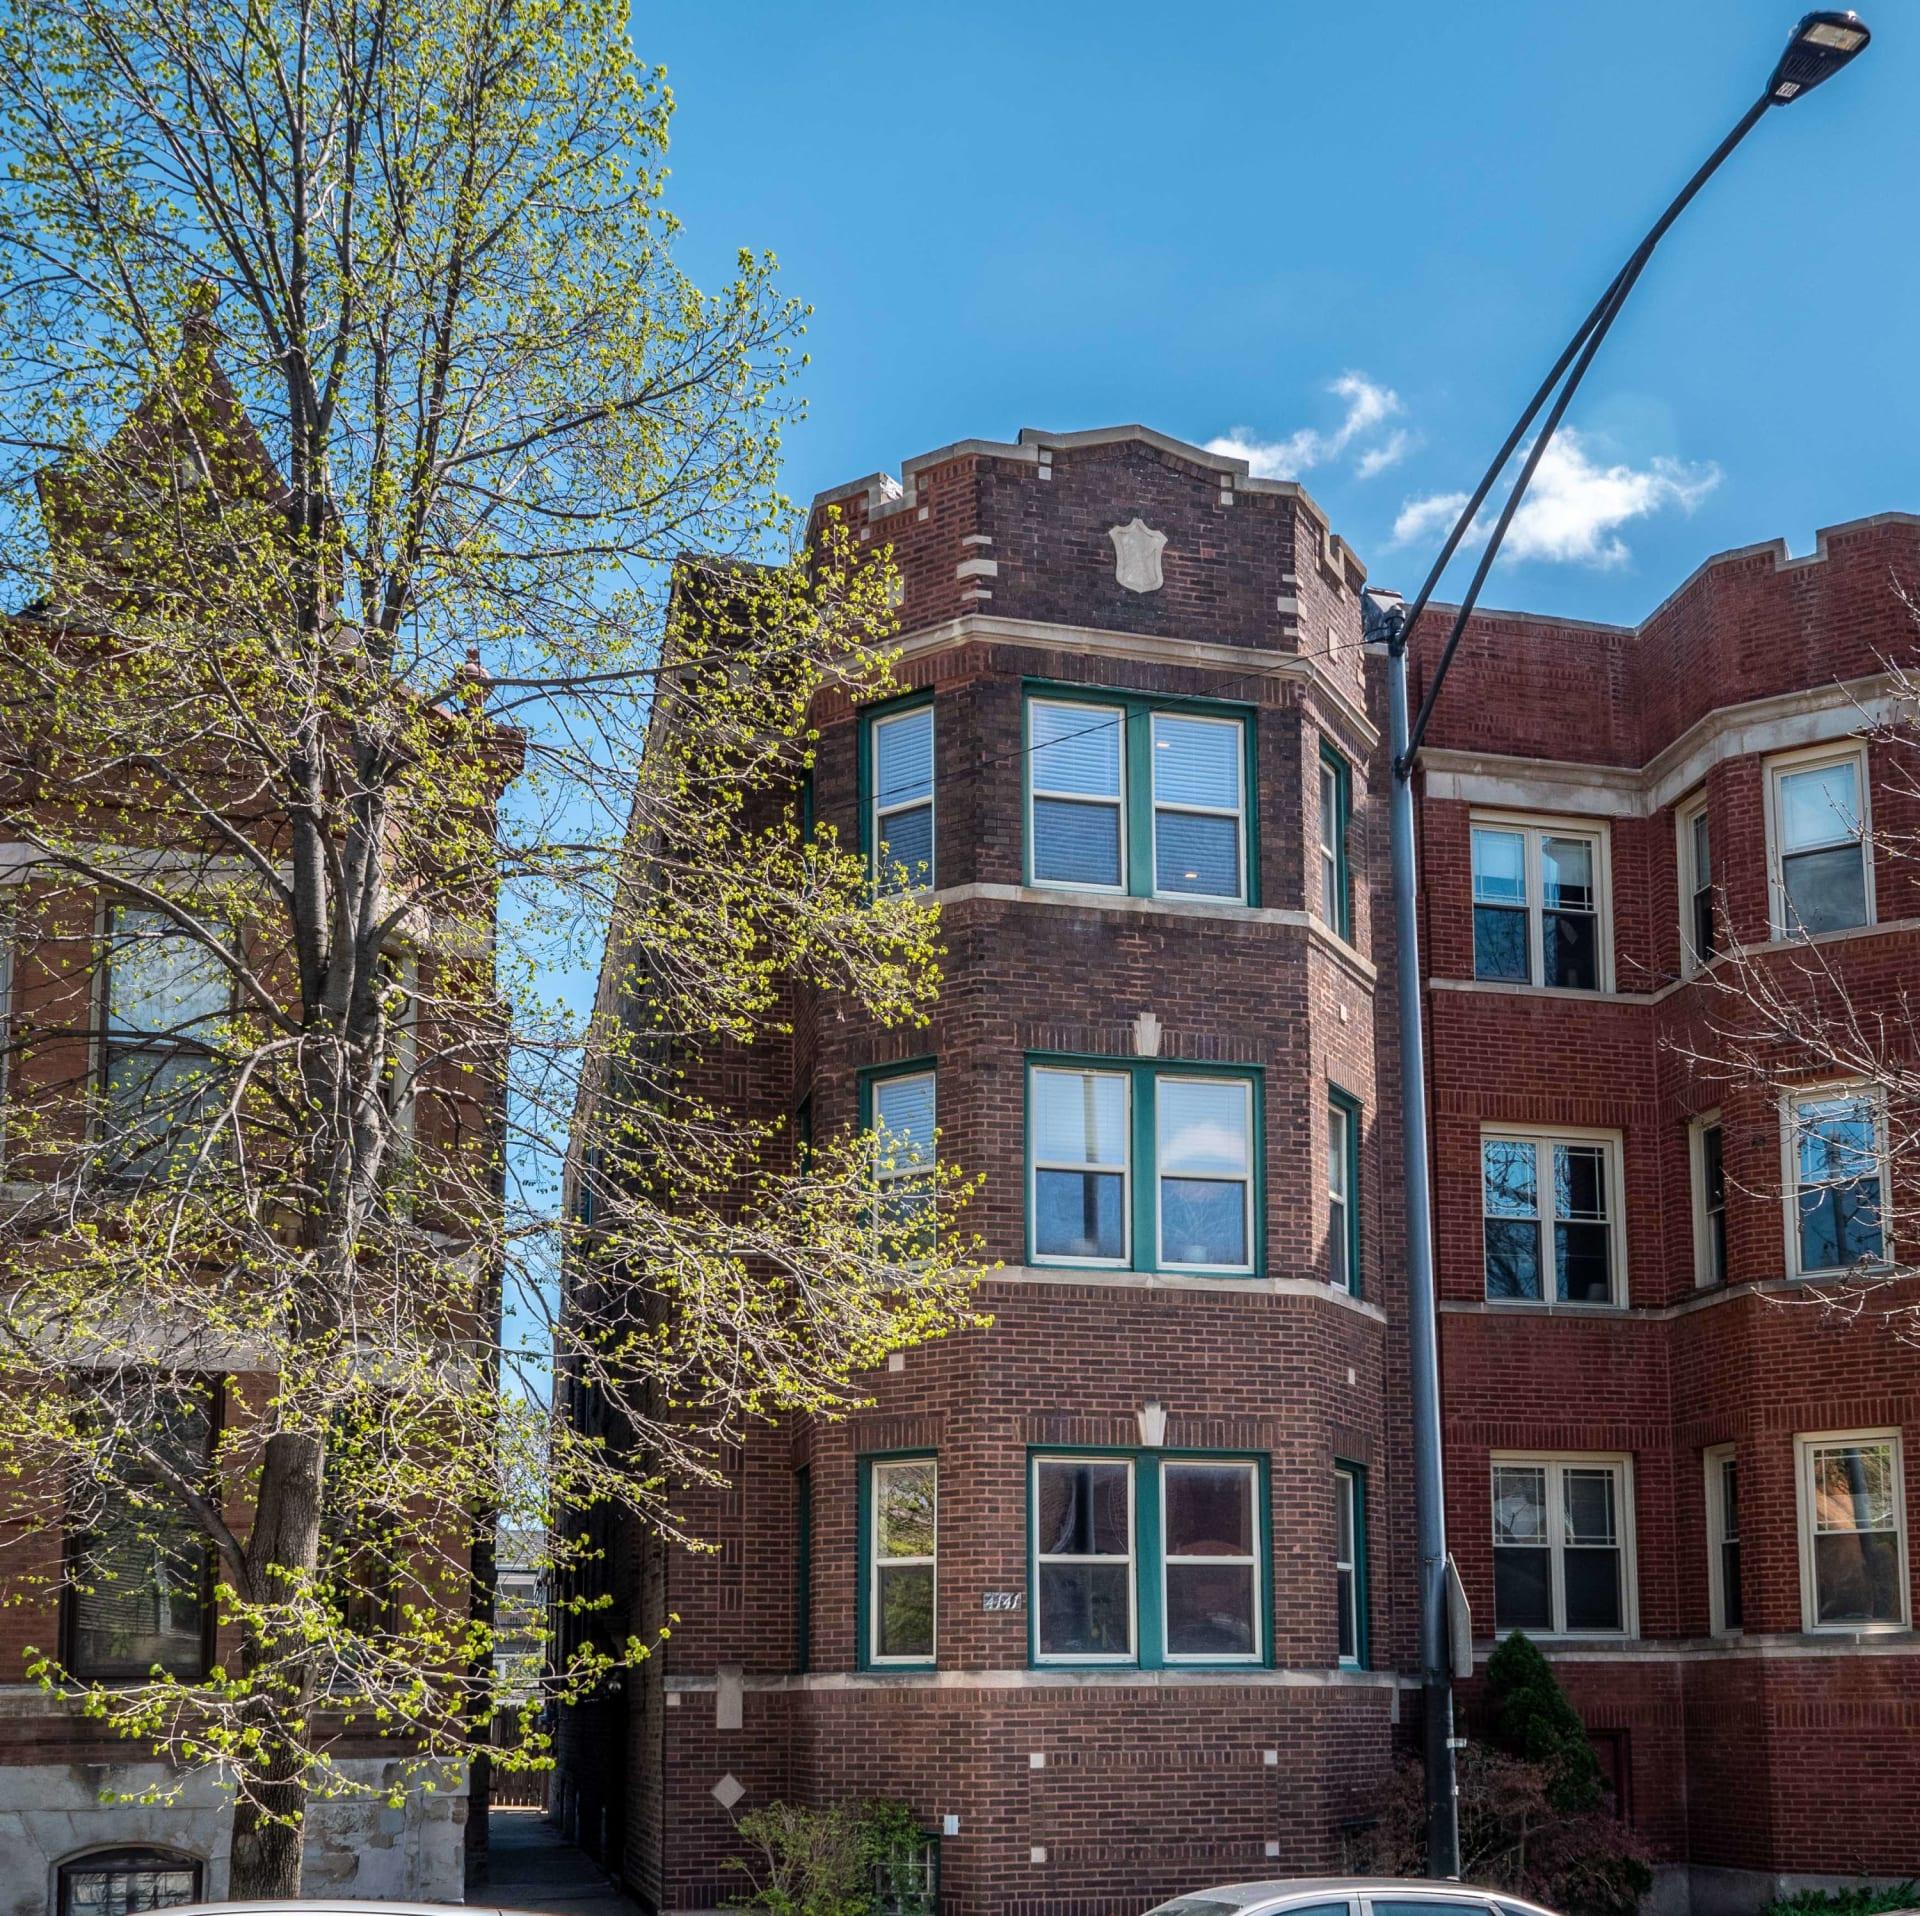 4141 N Ashland Ave, Unit 3 photo